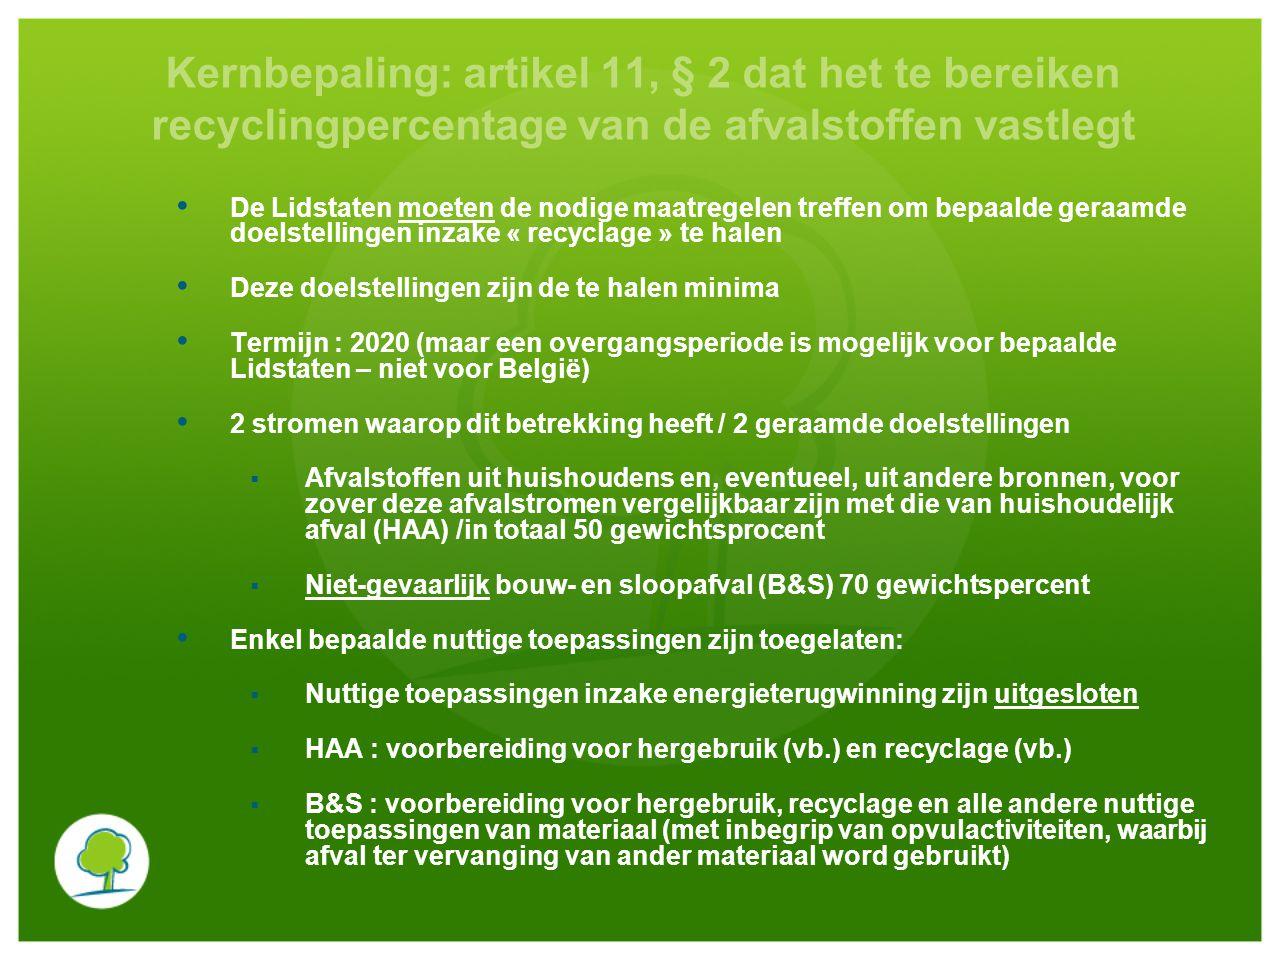 Kernbepaling : artikel 11, § 2